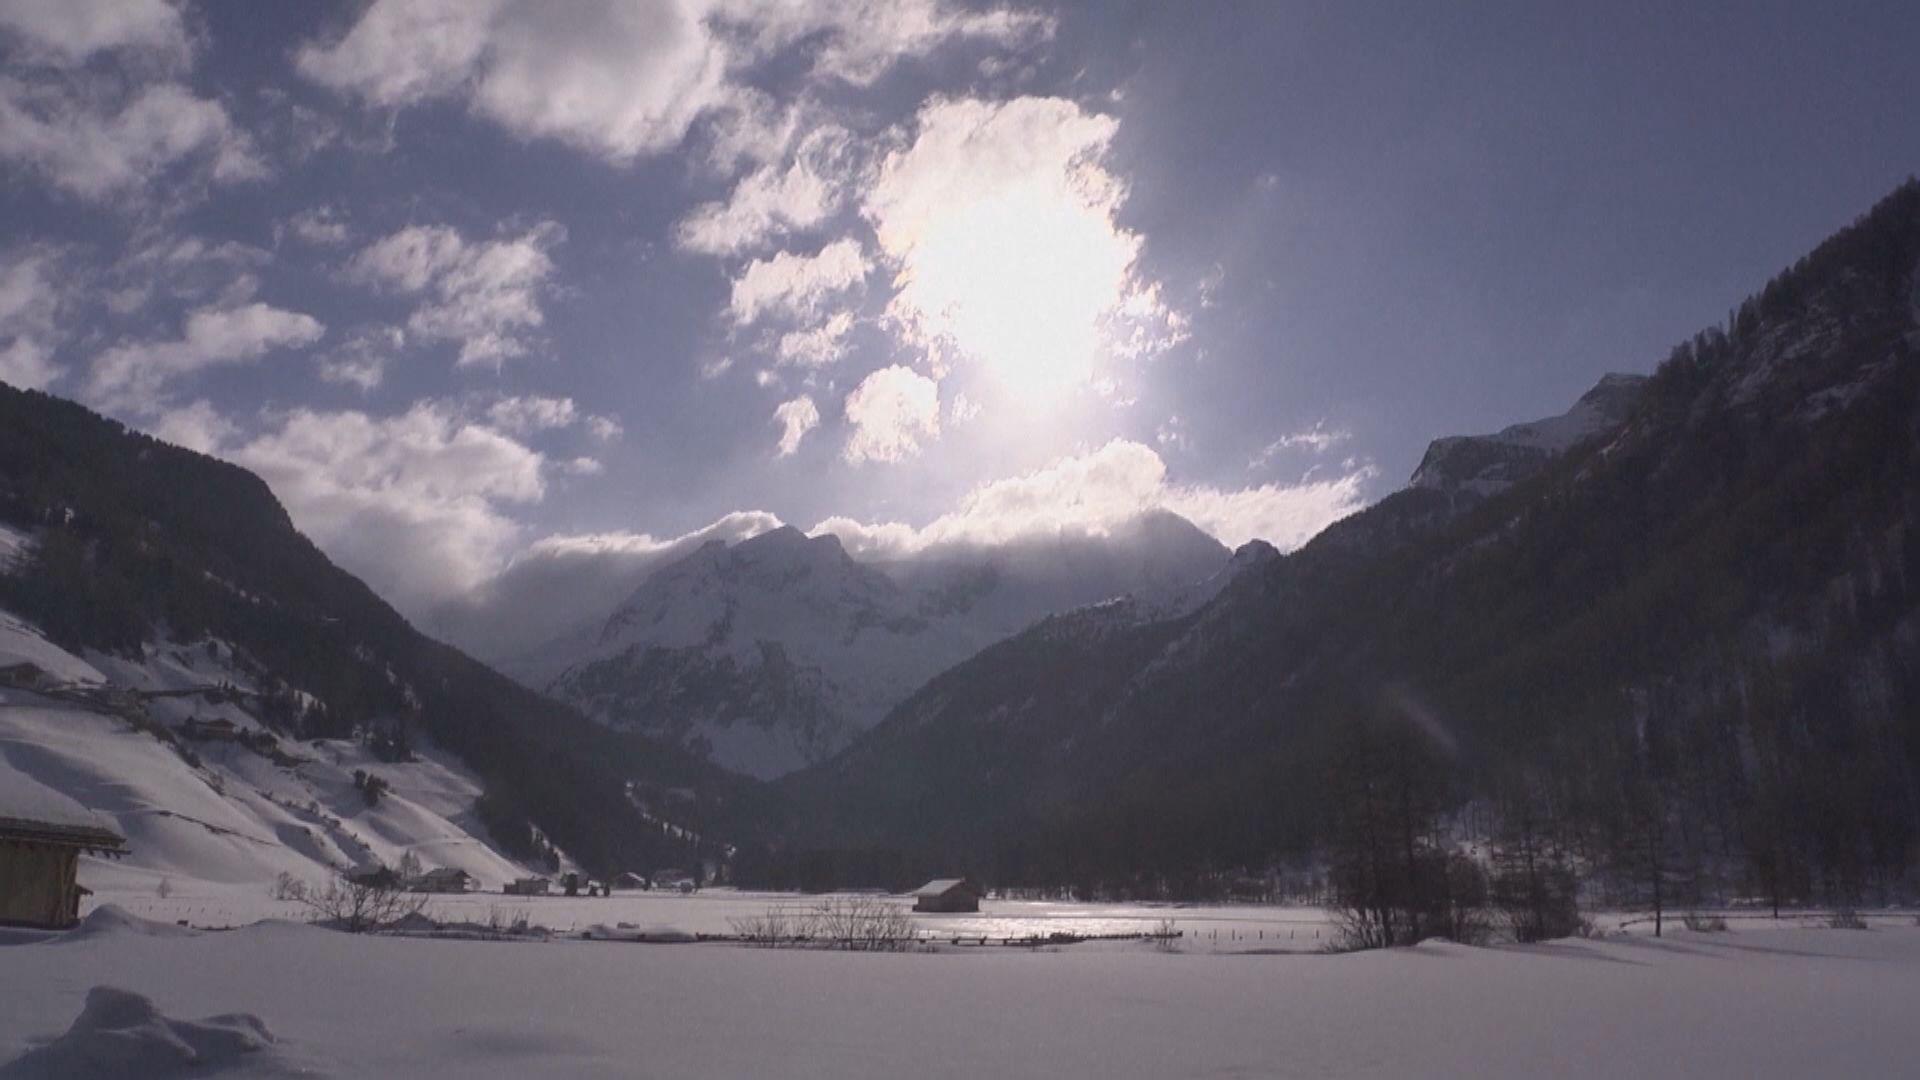 【環球薈報】阿爾卑斯山逾九成冰川或於本世紀末消失